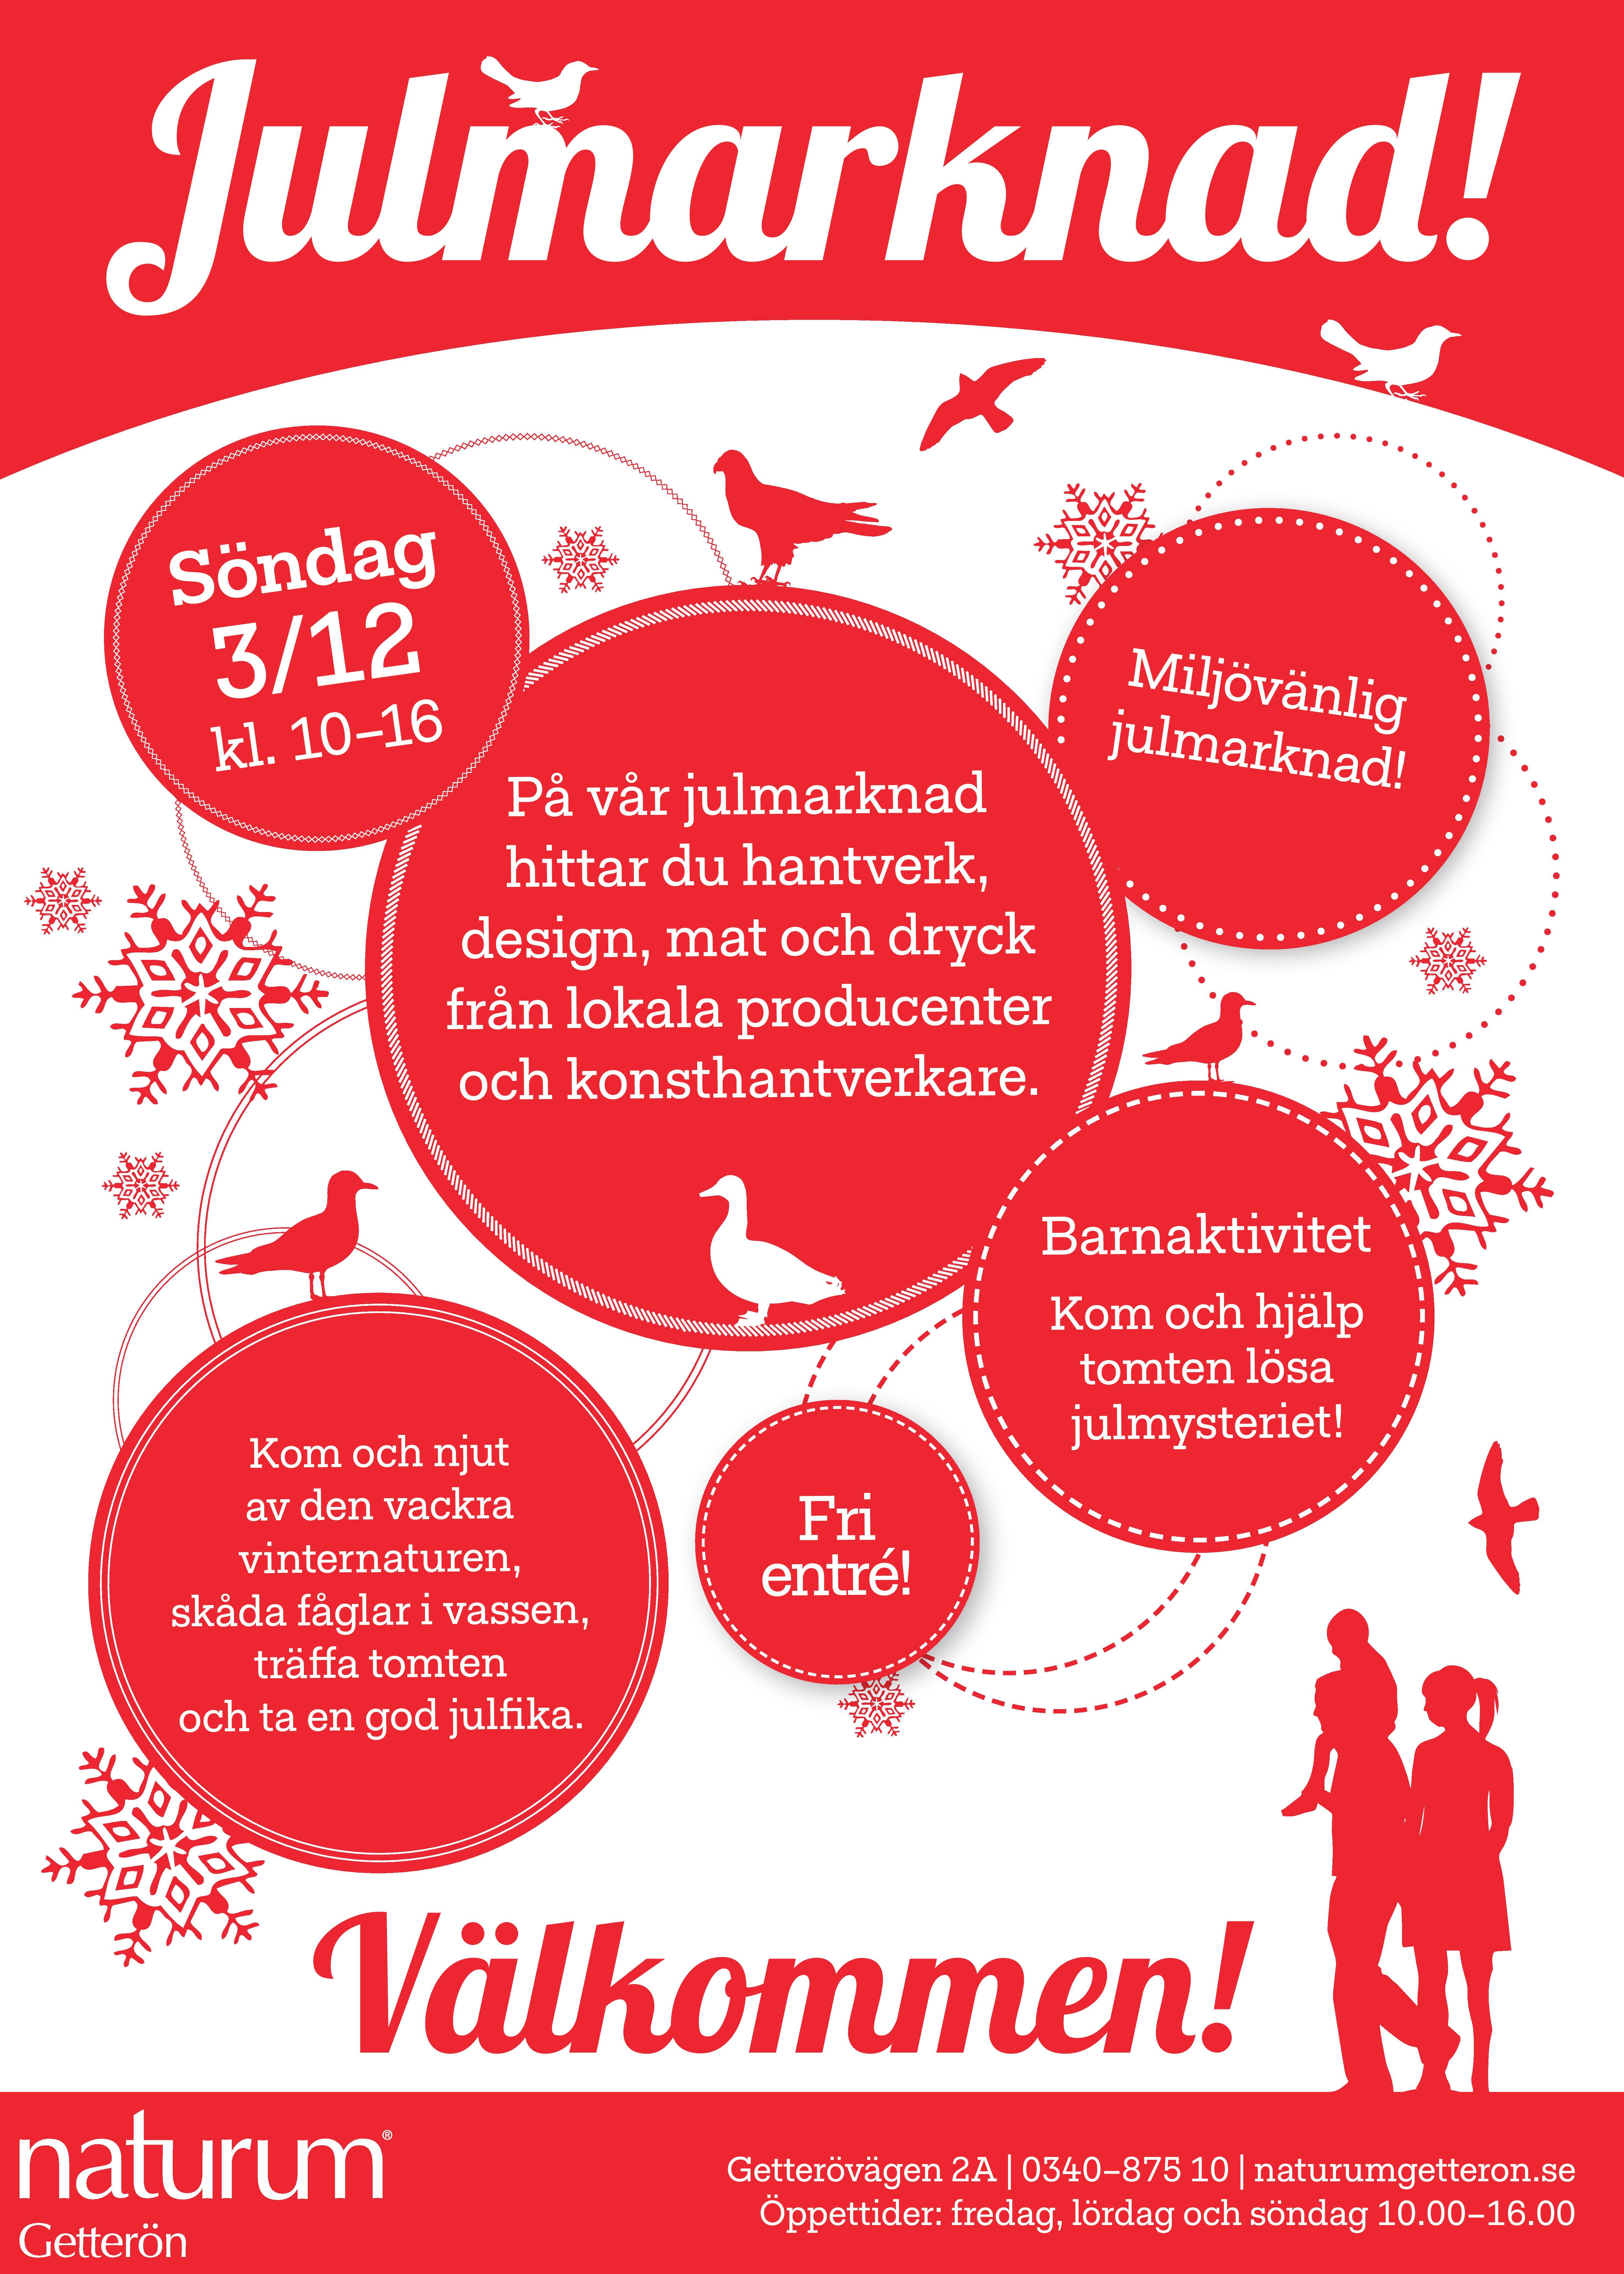 Julmarknad: Söndag 3 december kl. 10.00-16.00